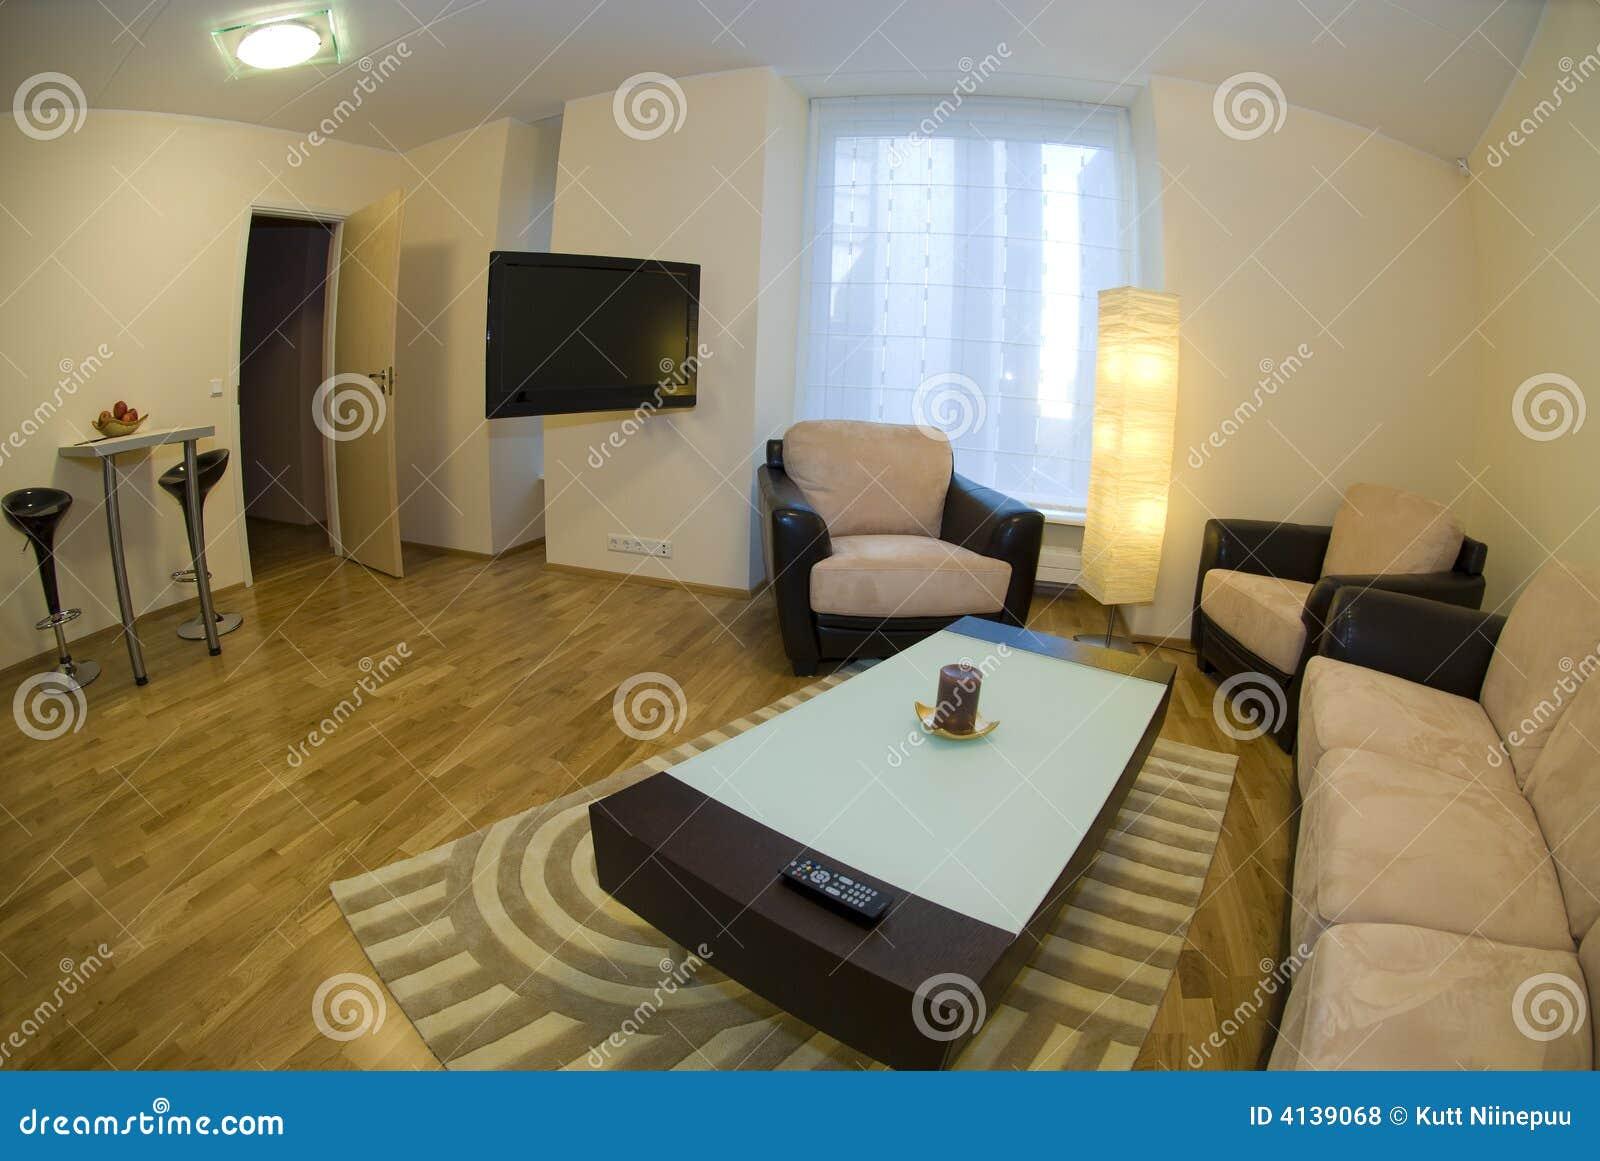 Int rieur moderne d 39 appartement photos libres de droits image 4139068 - Photo interieur appartement moderne ...